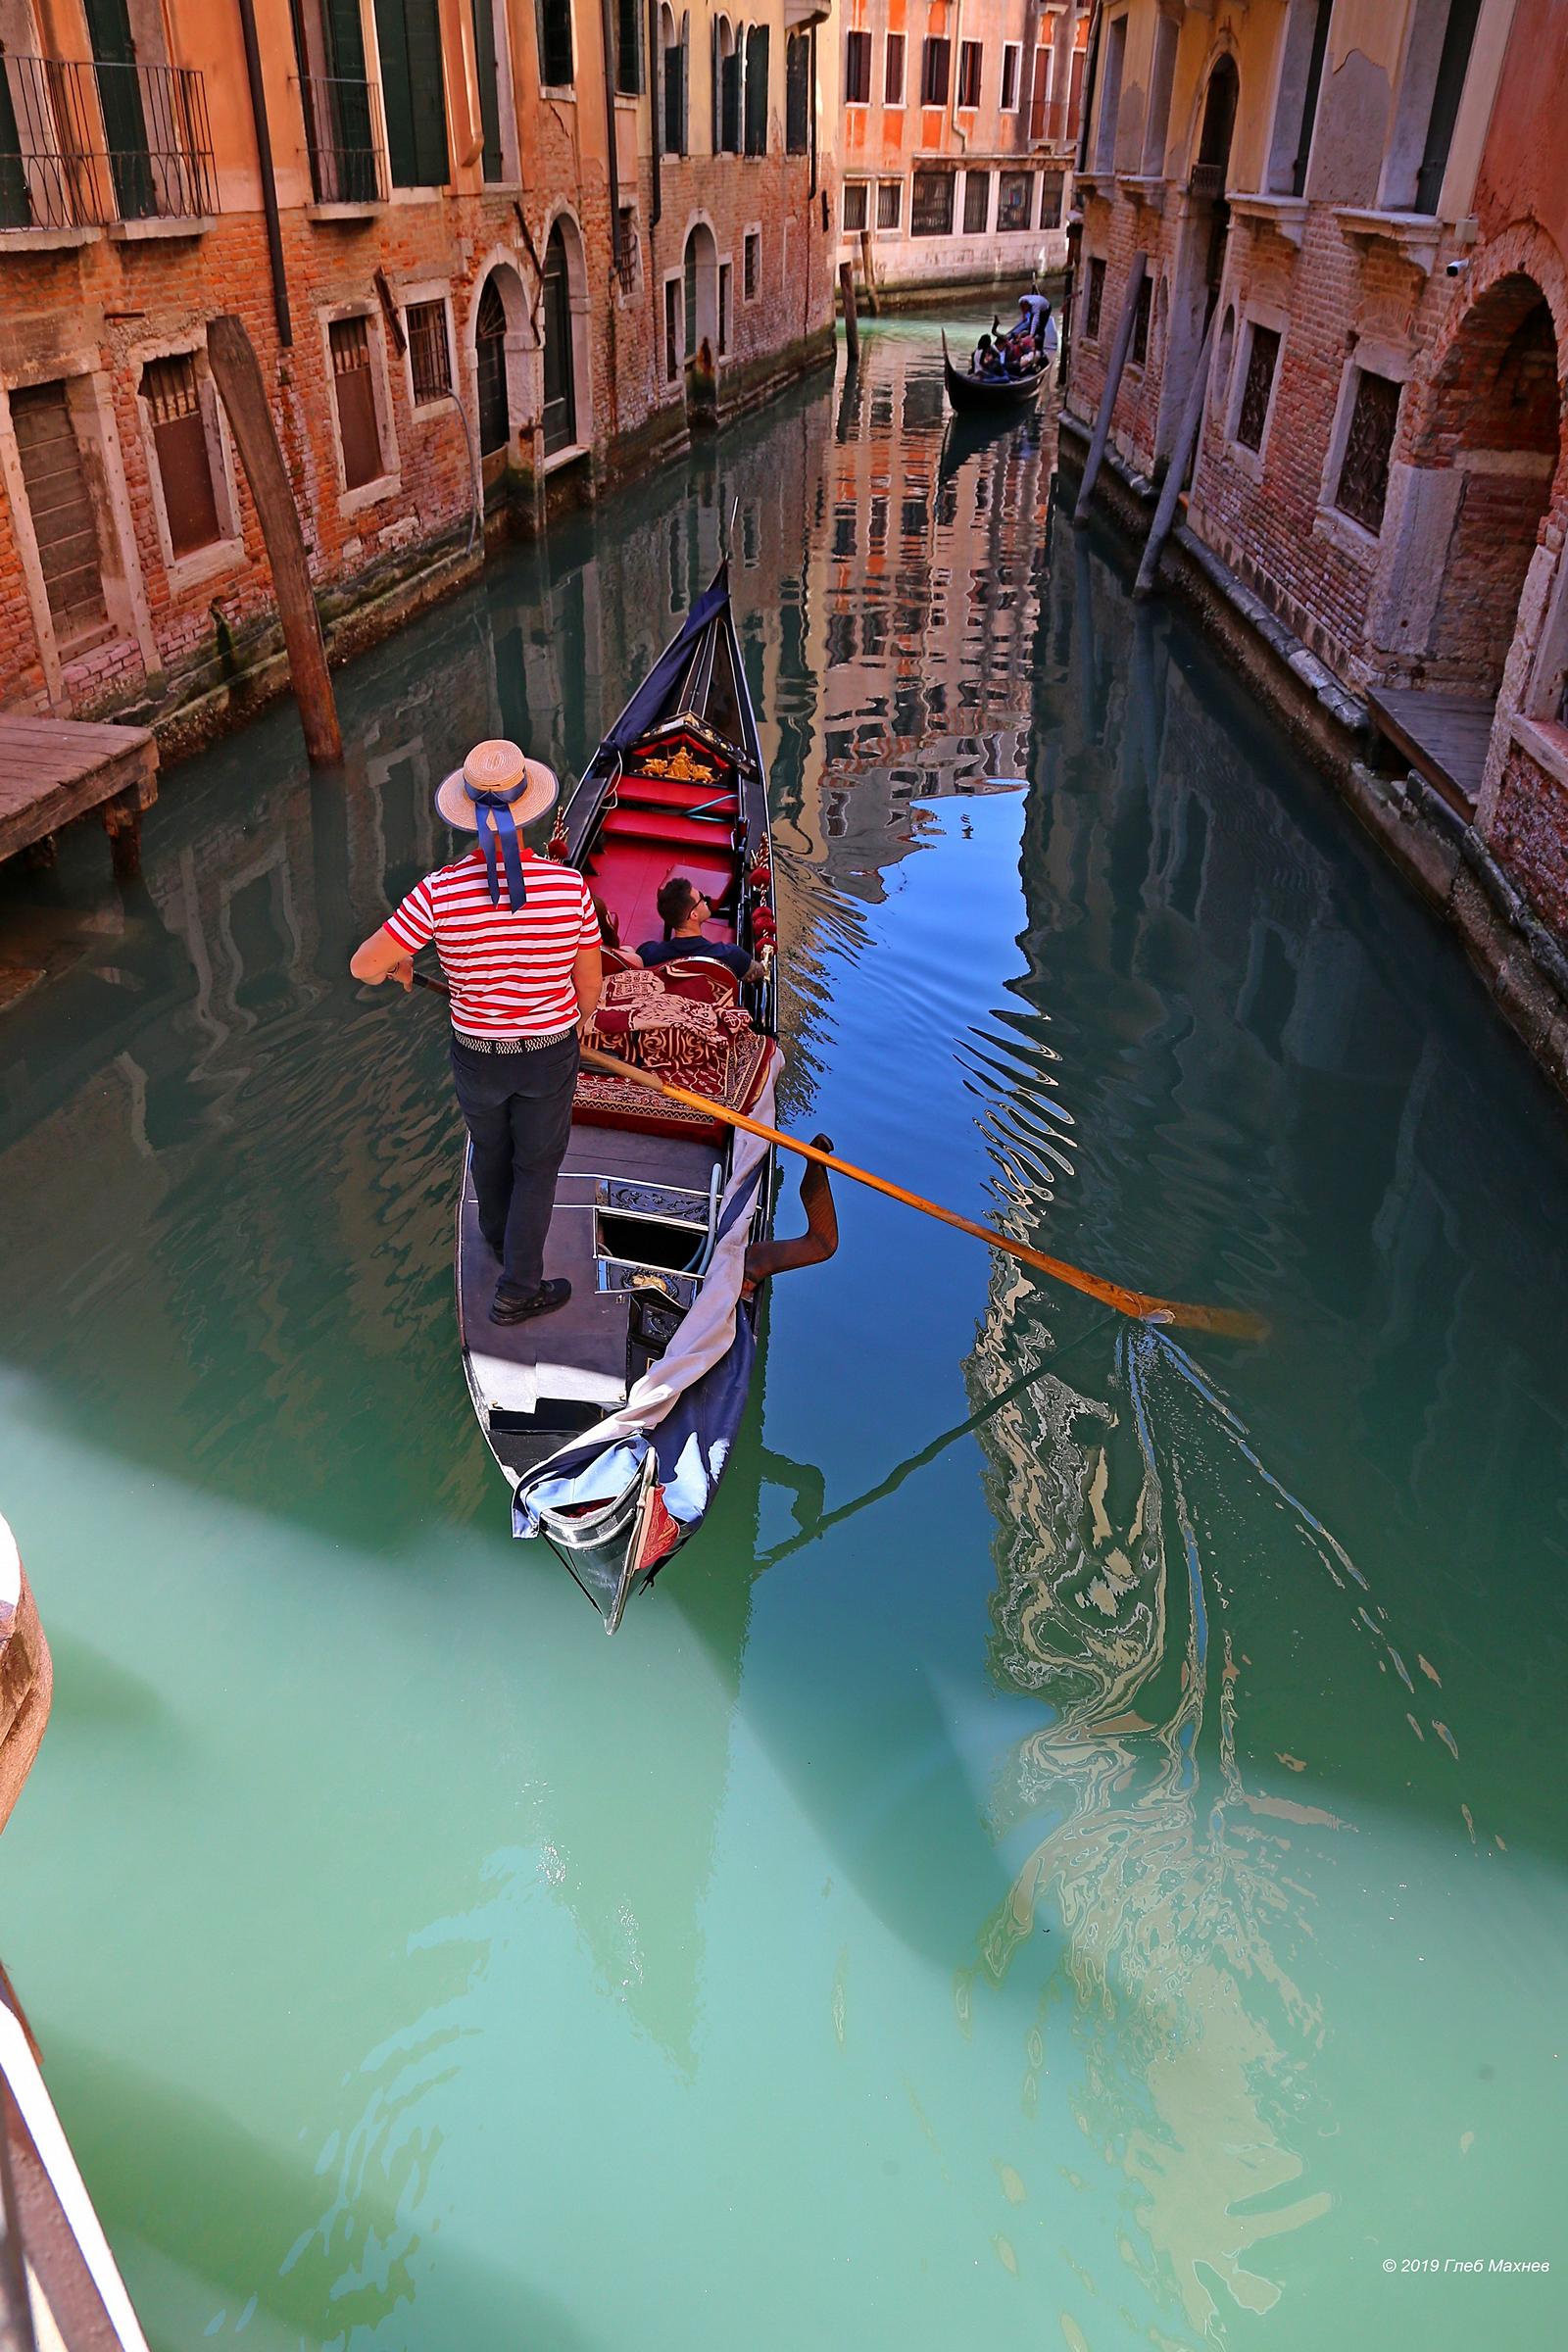 Иногда вода в венецианских каналах течет очень медленно